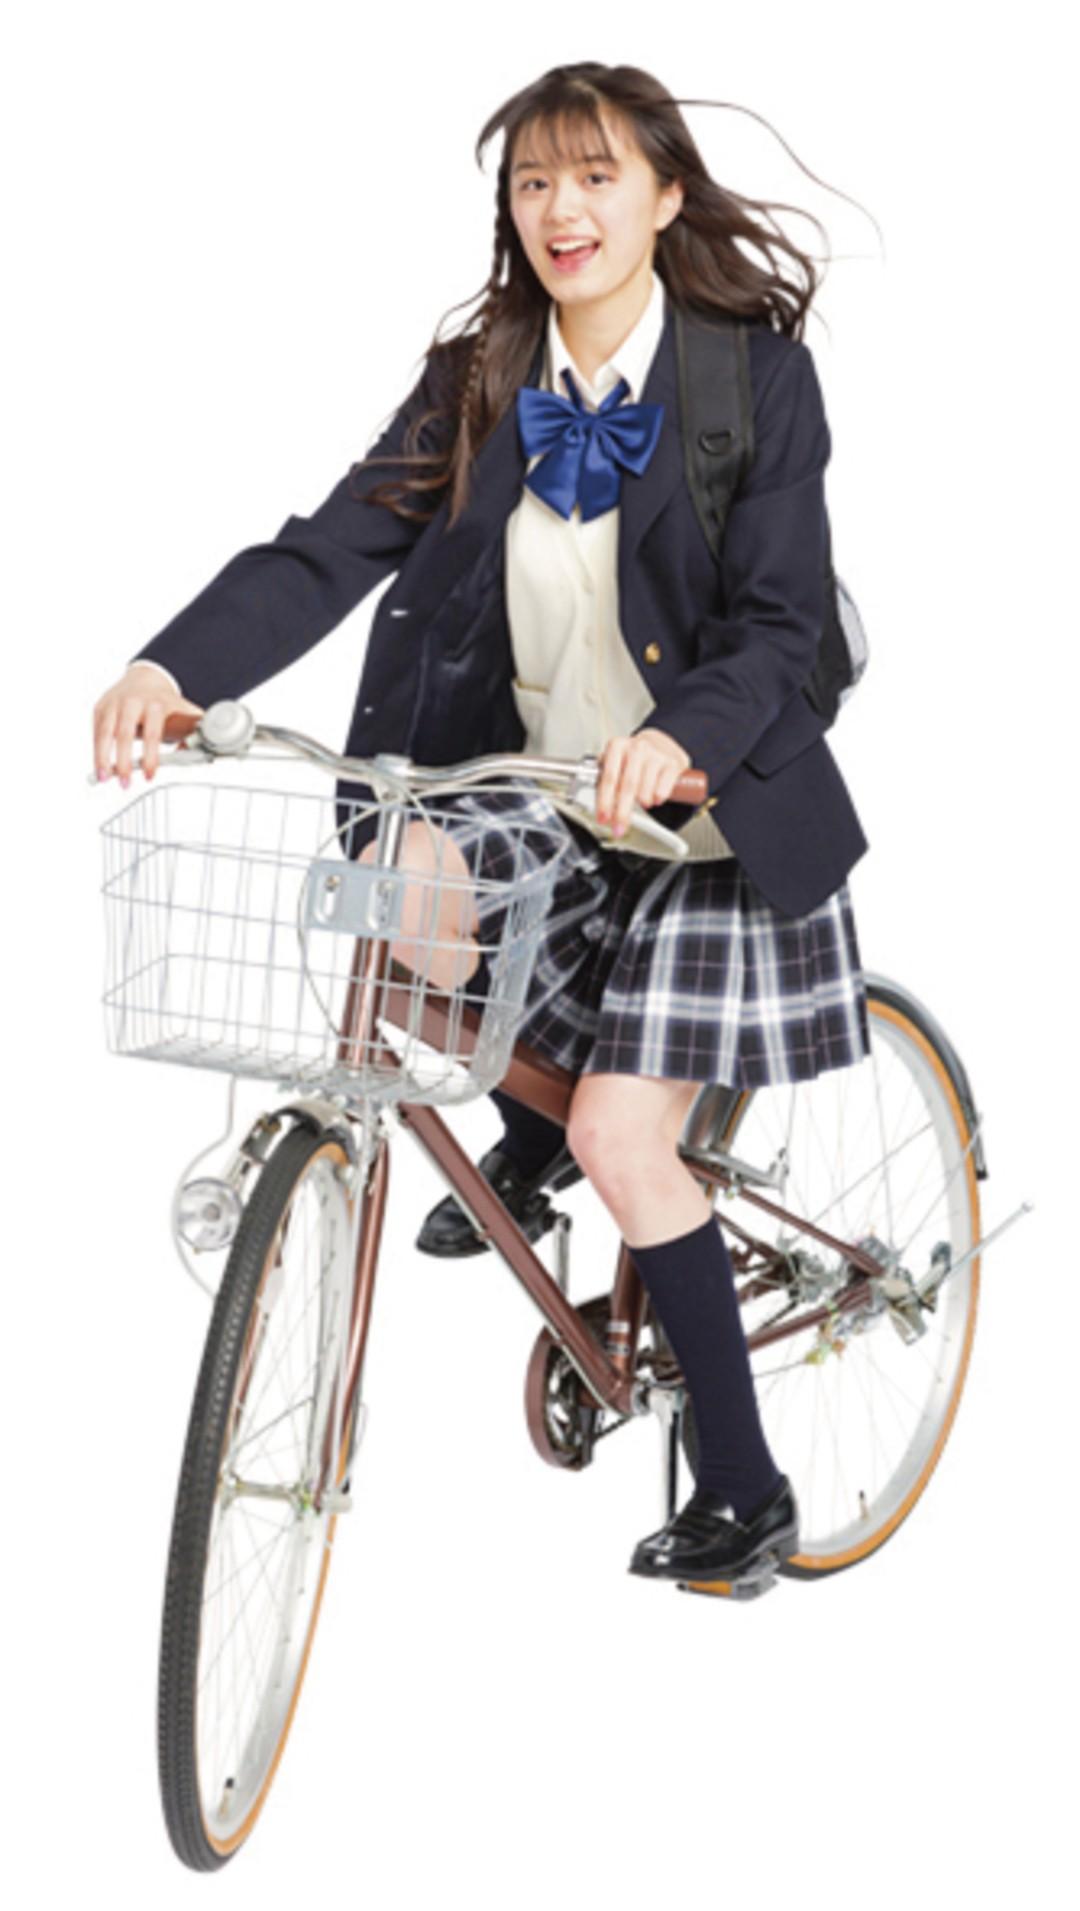 彼氏がいるコは自転車で通学しているコが多い